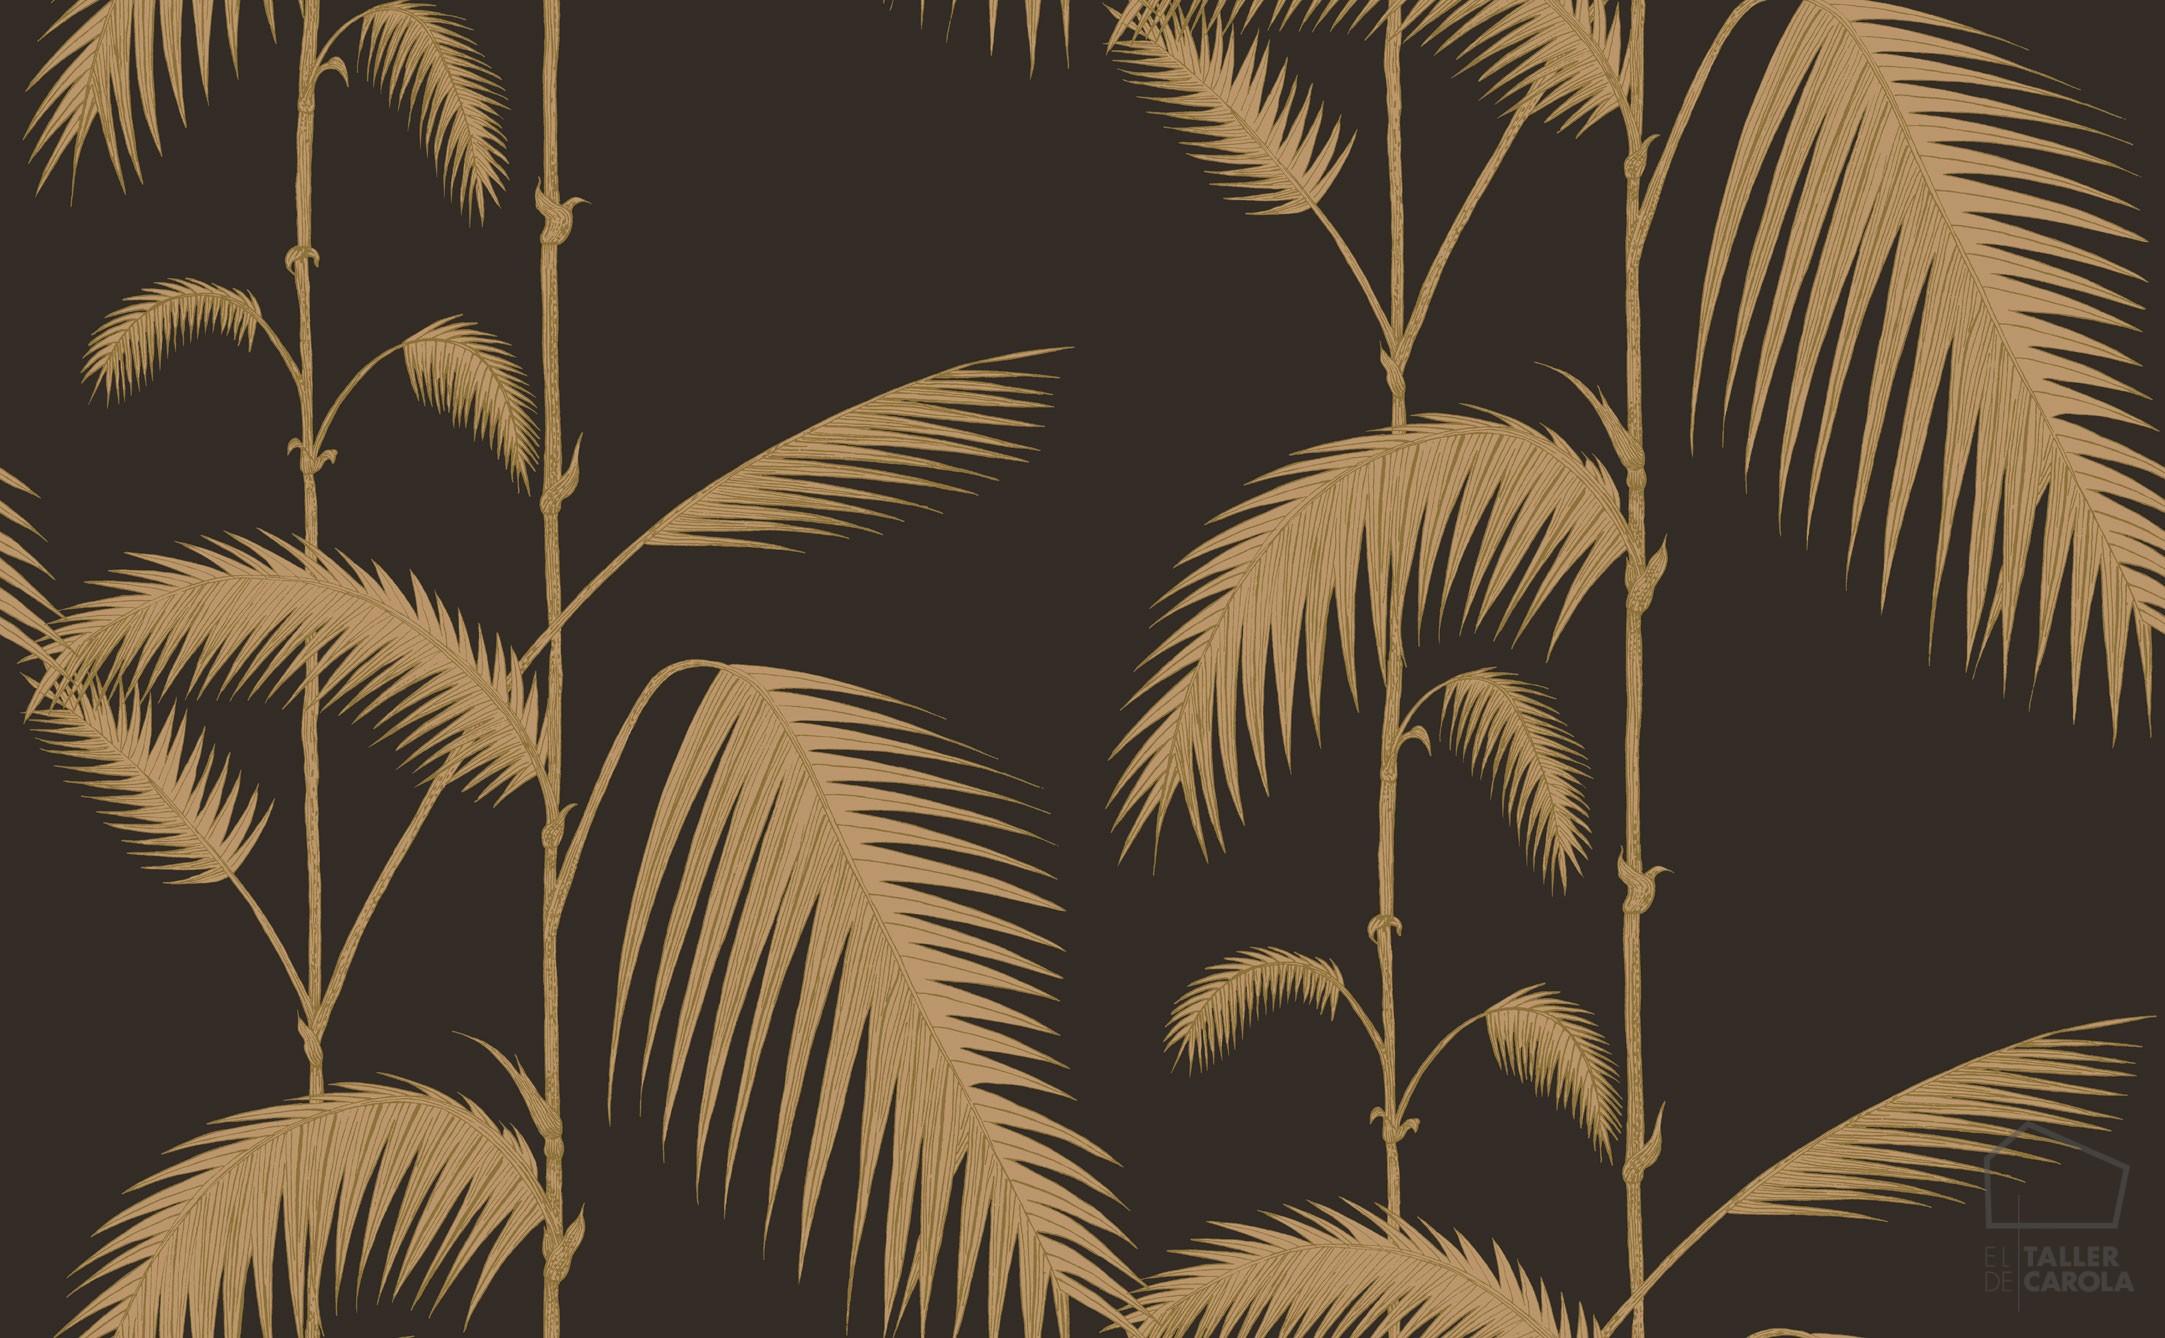 083pal-lea-66-2014-papel-pintado-marron-hojas-de-palmeras-vintage